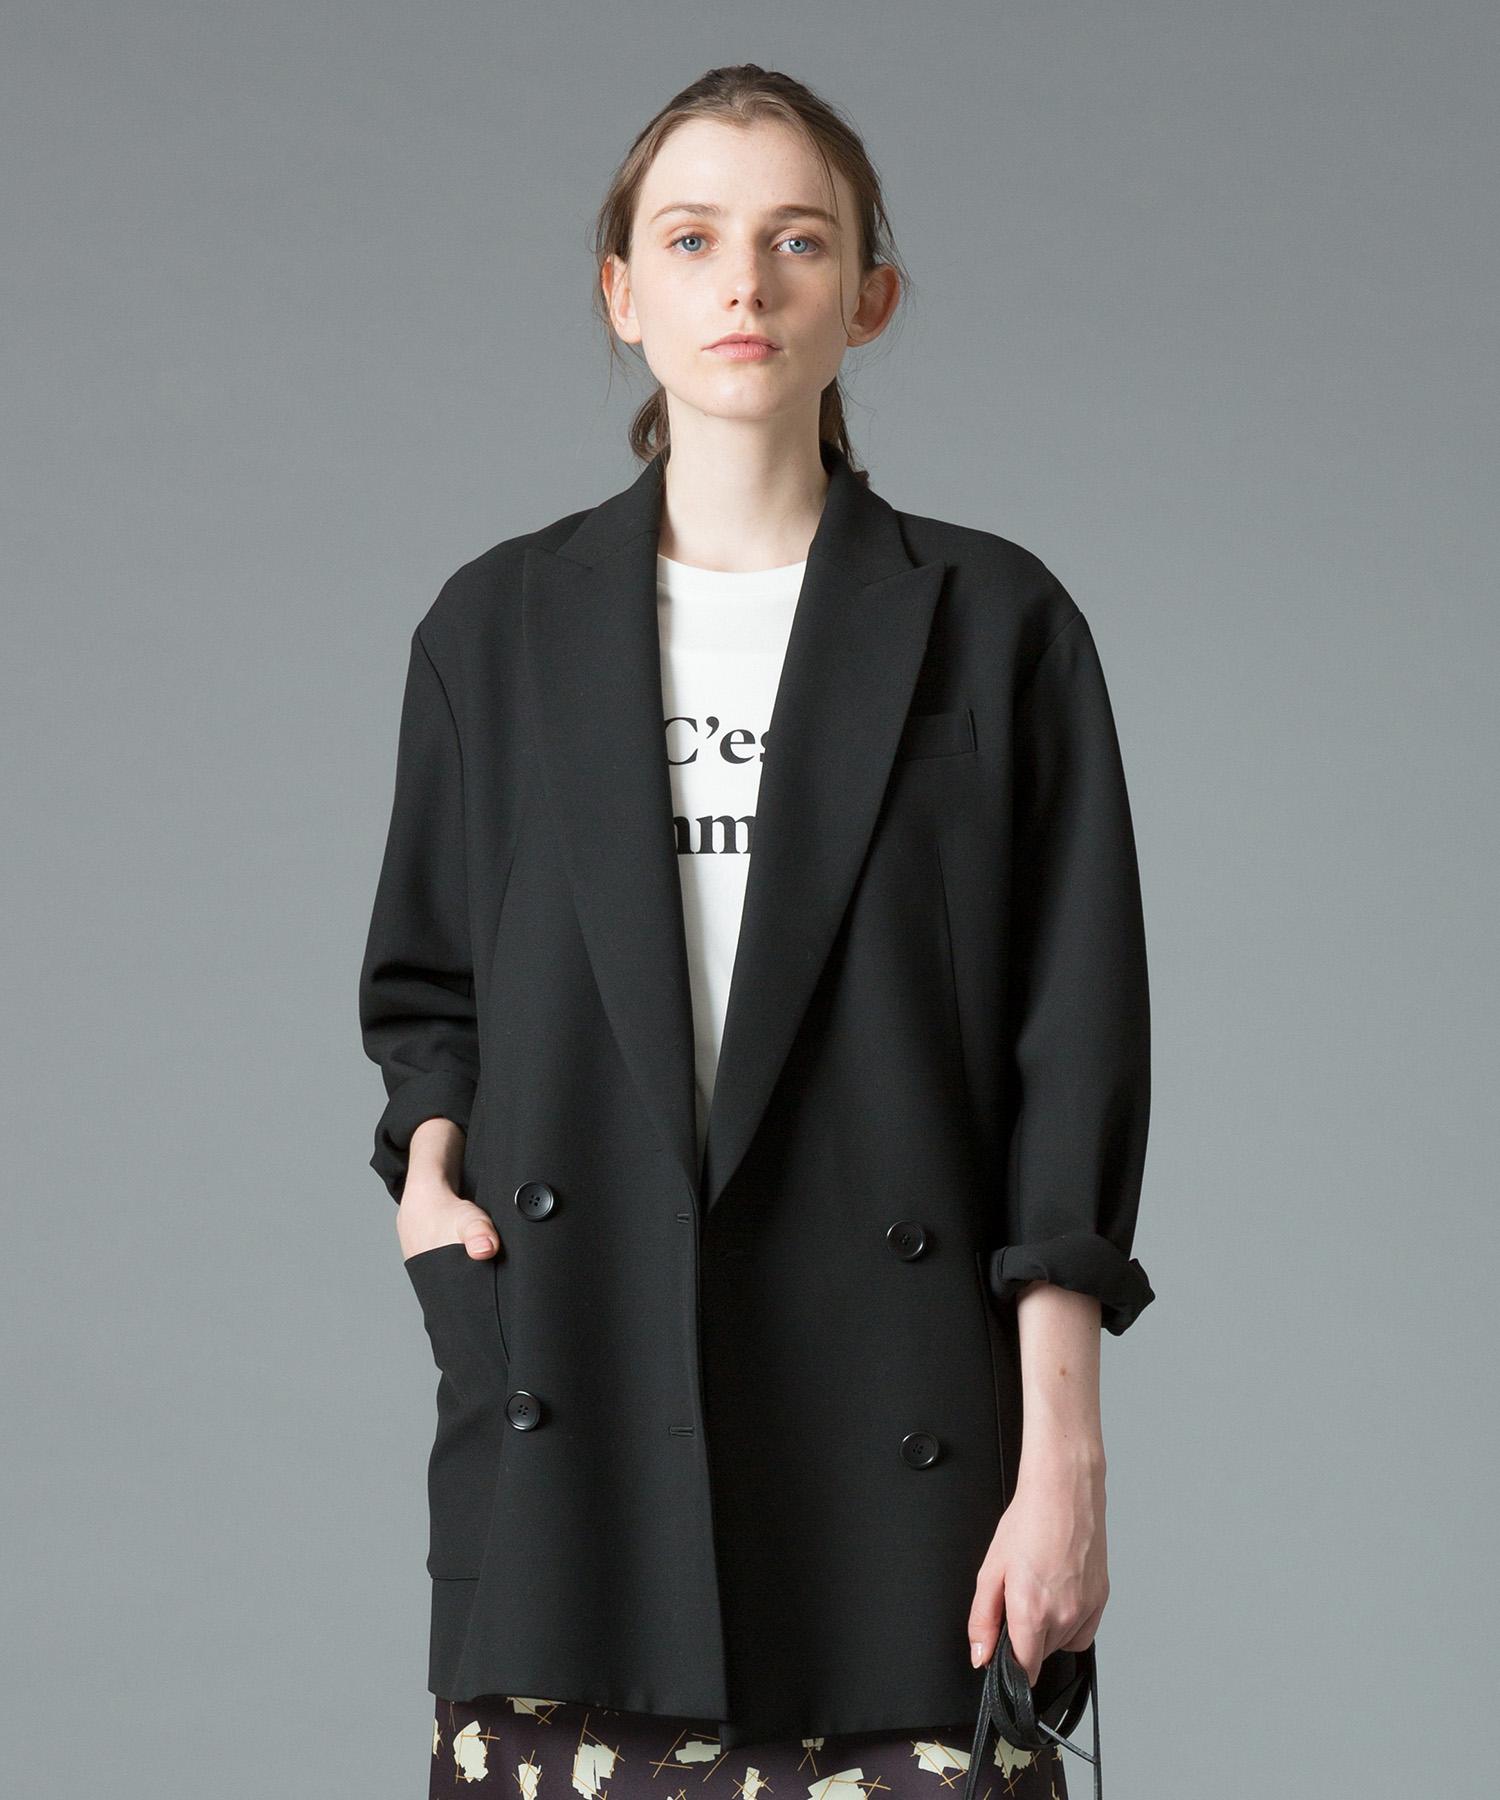 ダブルブレストロングジャケット